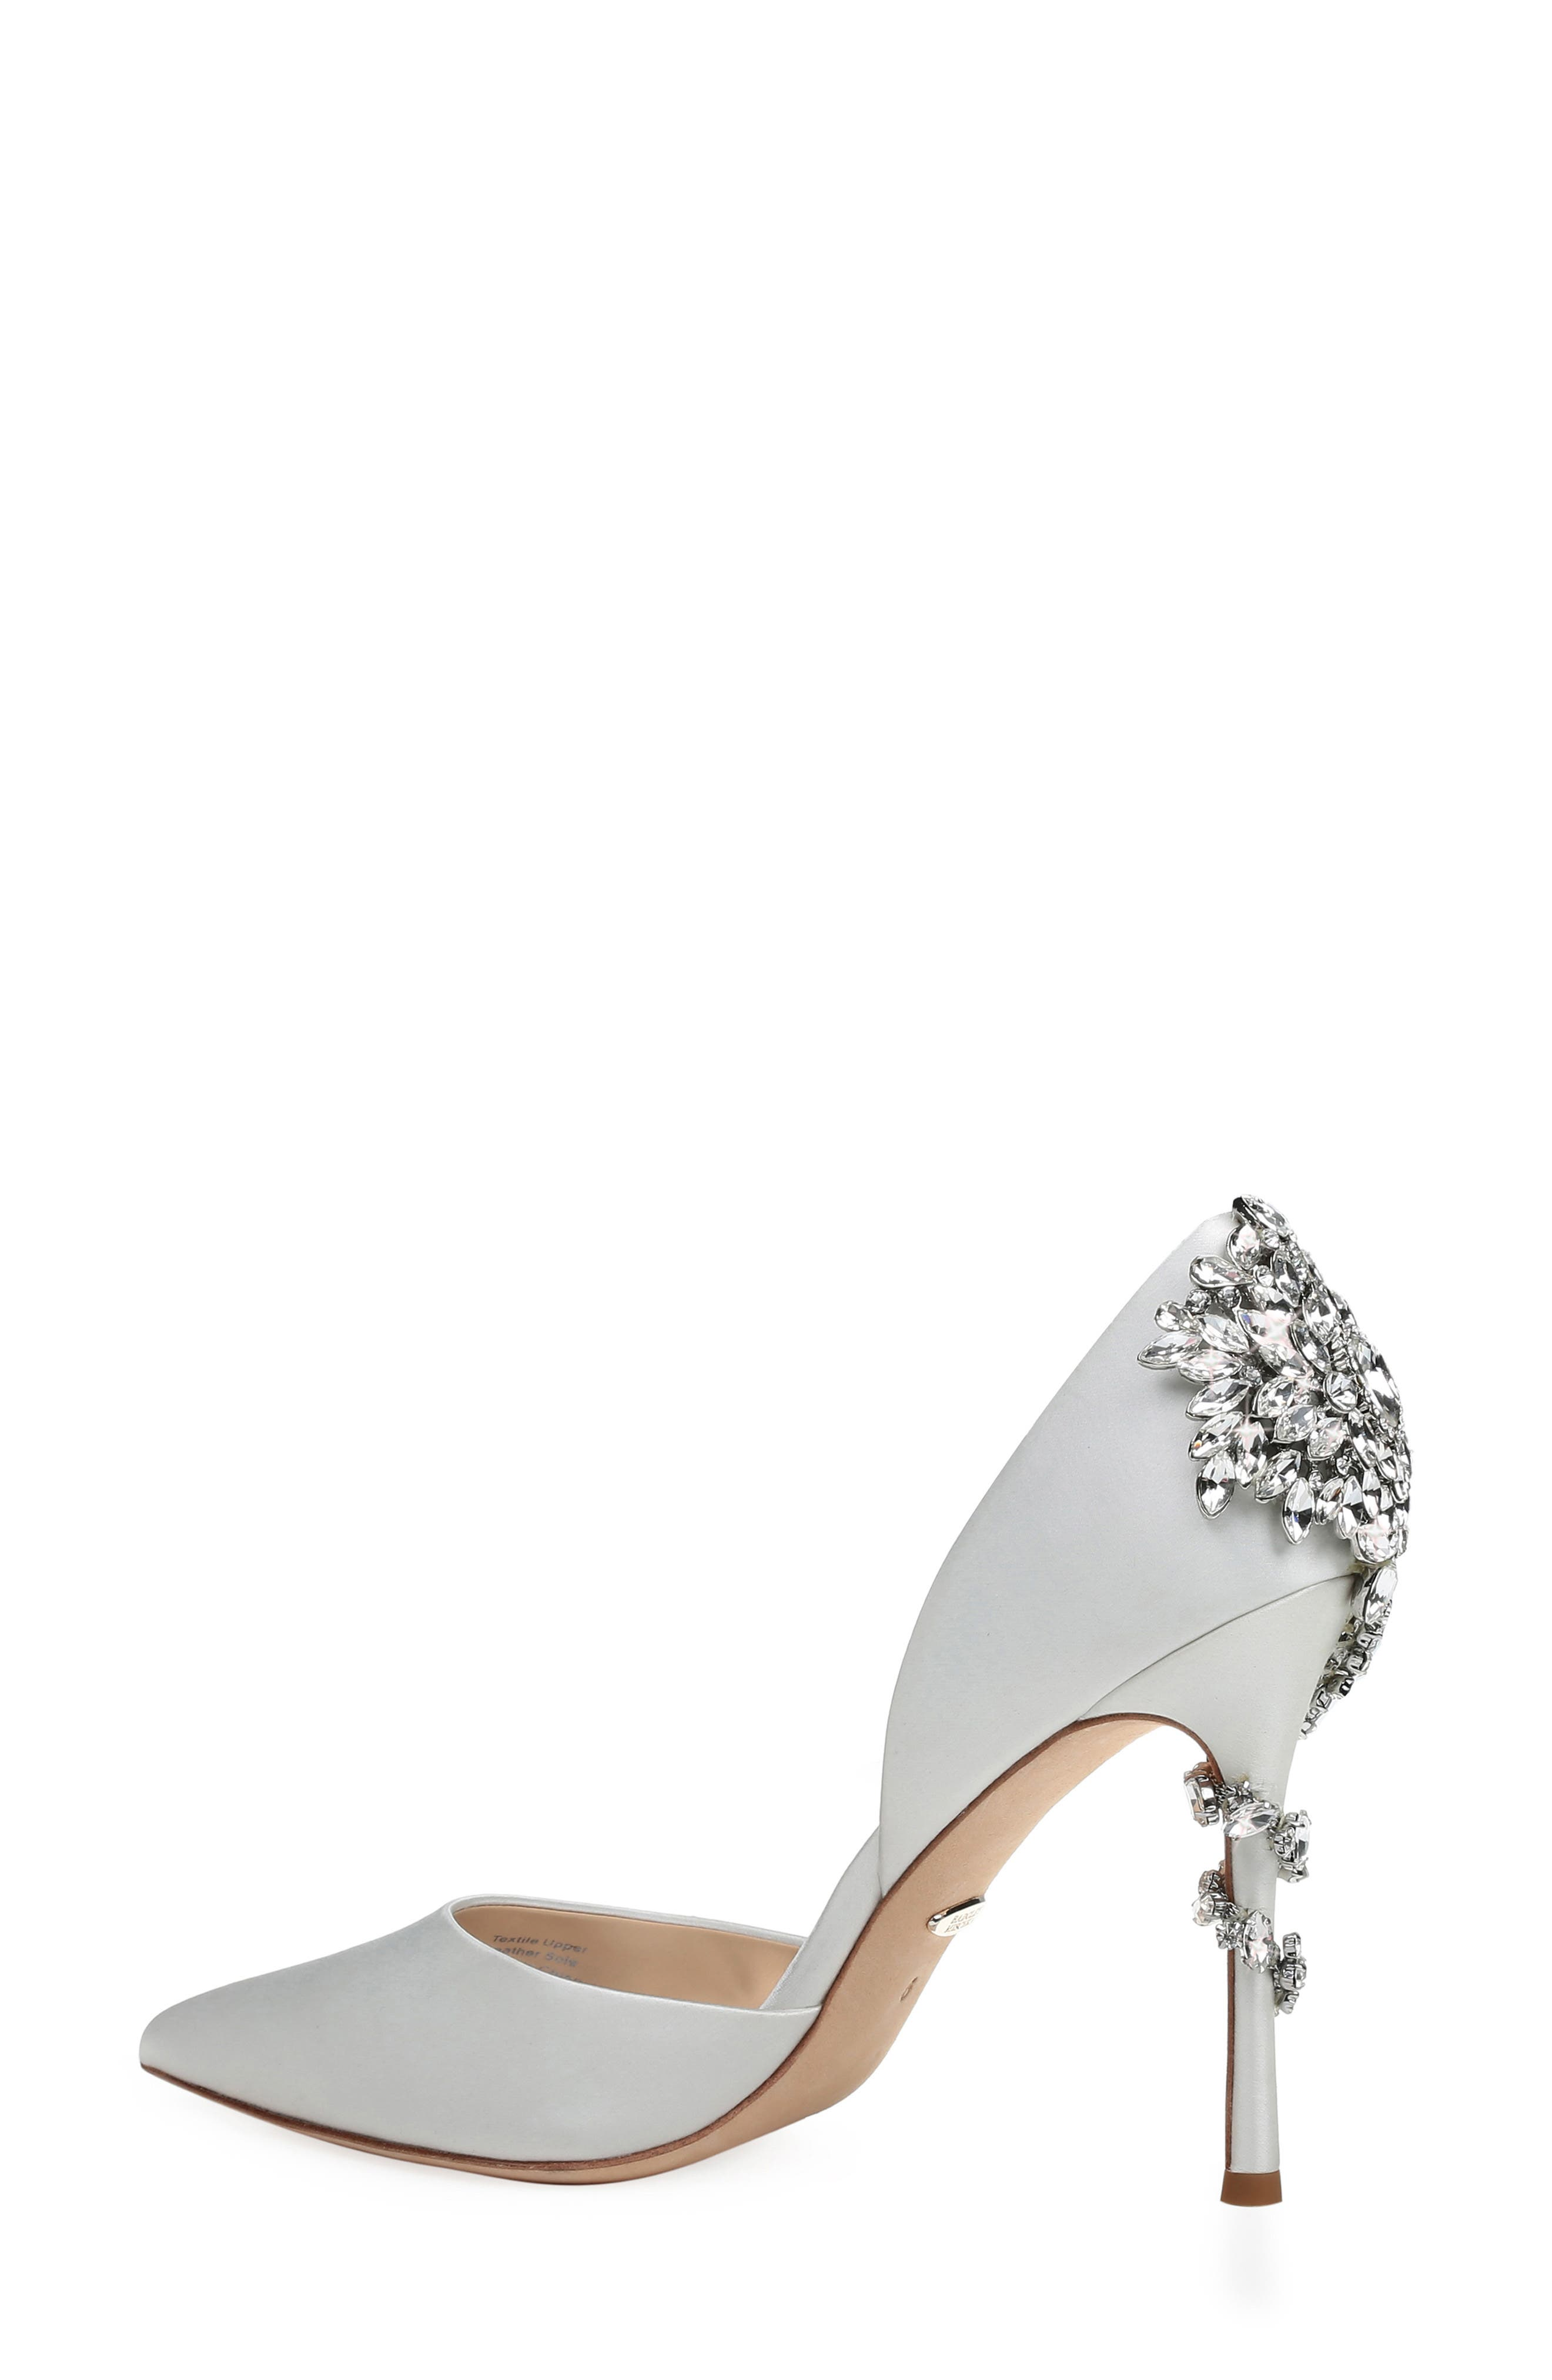 Vogue Crystal Embellished d'Orsay Pump,                             Alternate thumbnail 2, color,                             SOFT WHITE SATIN